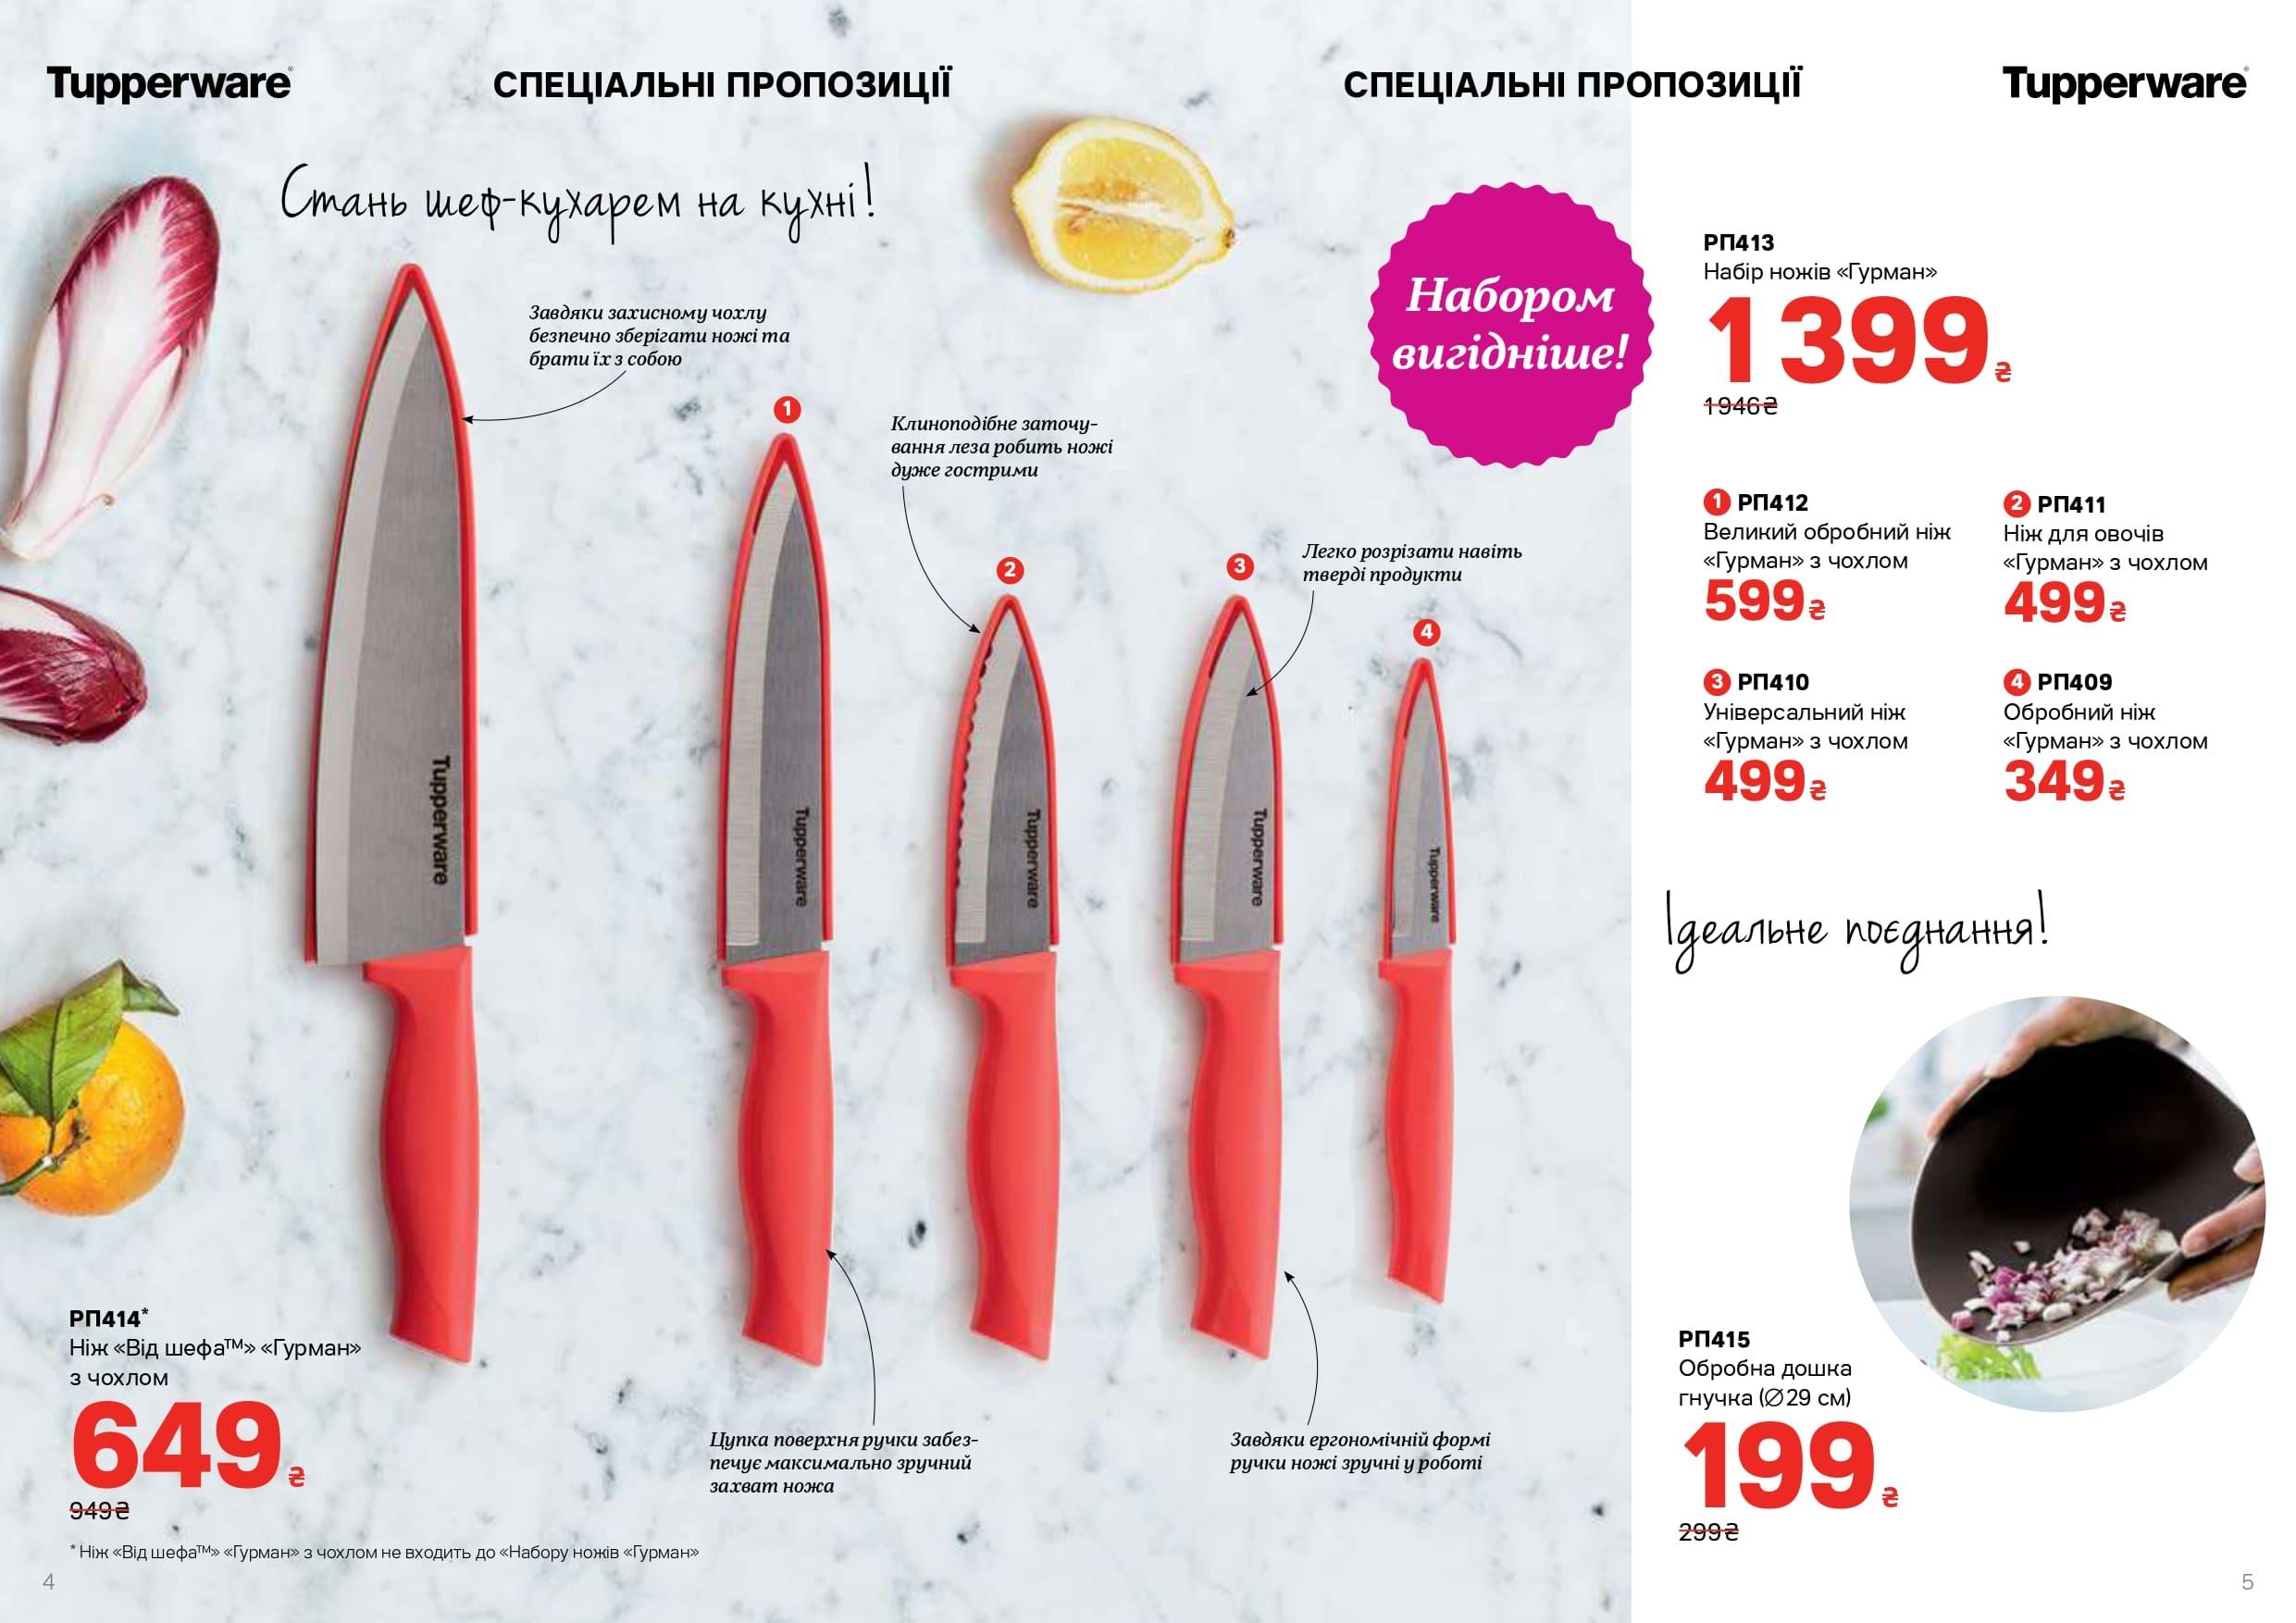 Ножи гурман, Tupperware в октябре снижает цену на 28%